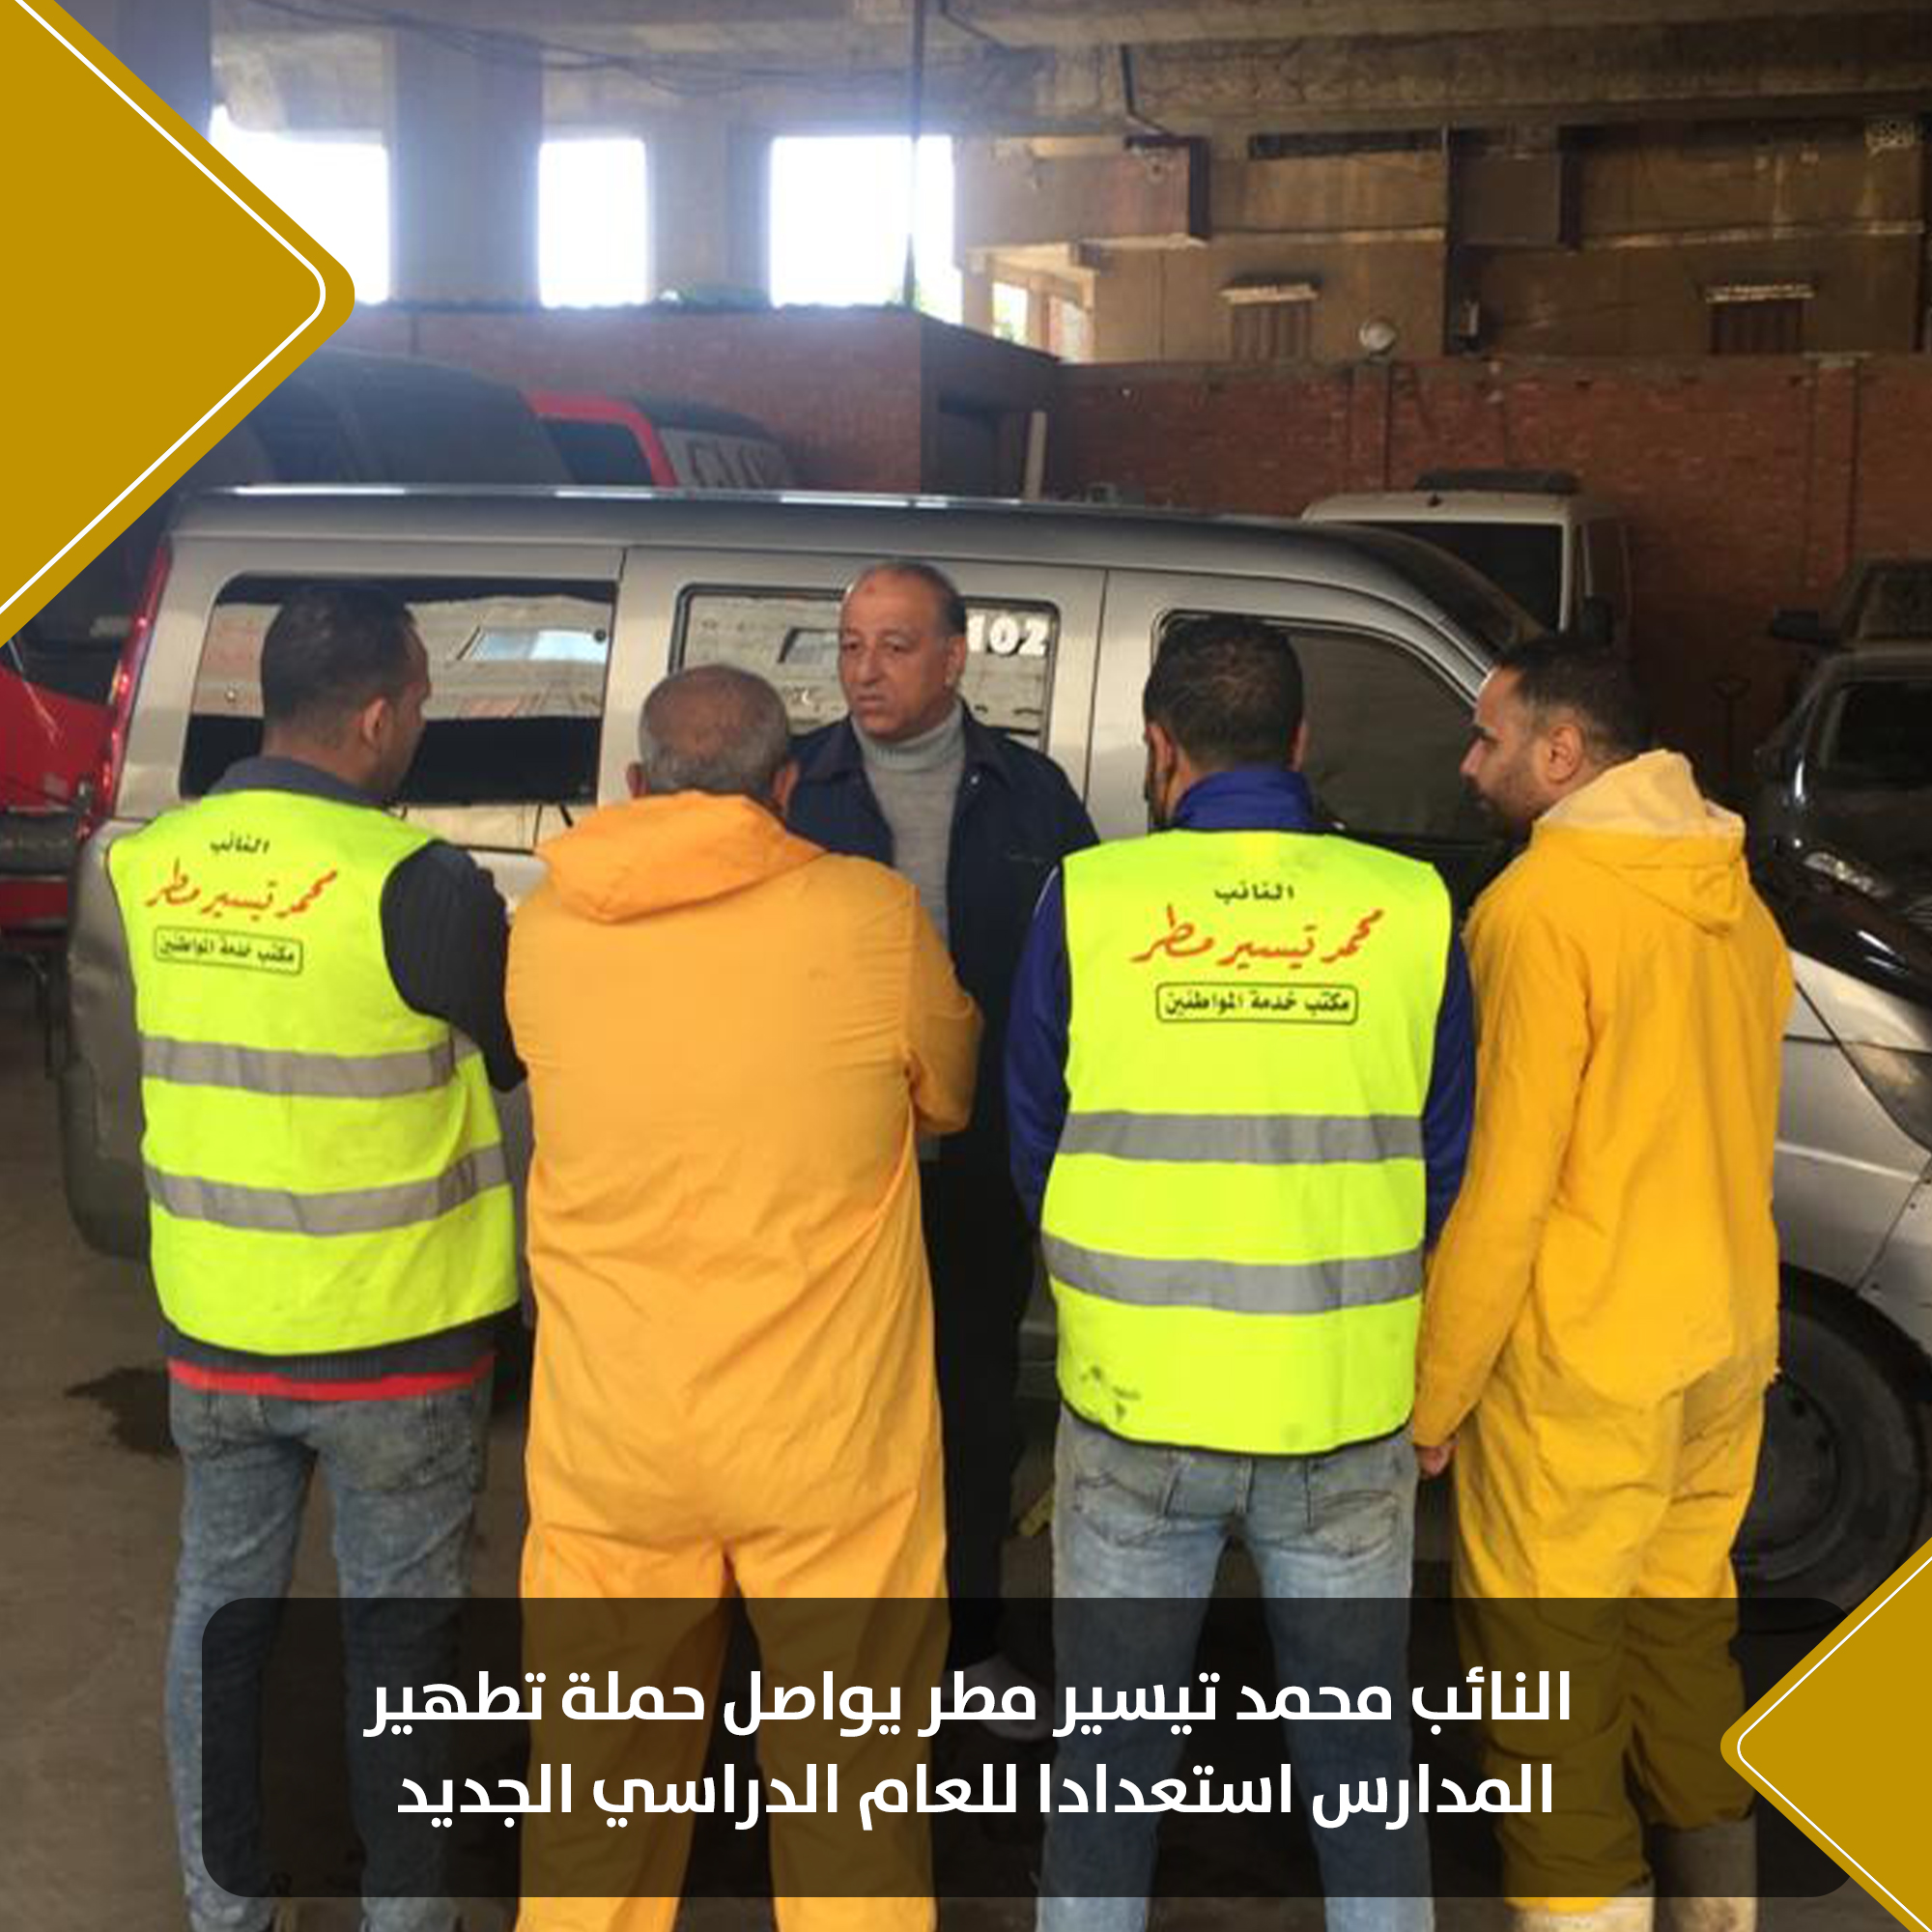 النائب محمد تيسير مطر يواصل حملة تطهير المدارسس (1)